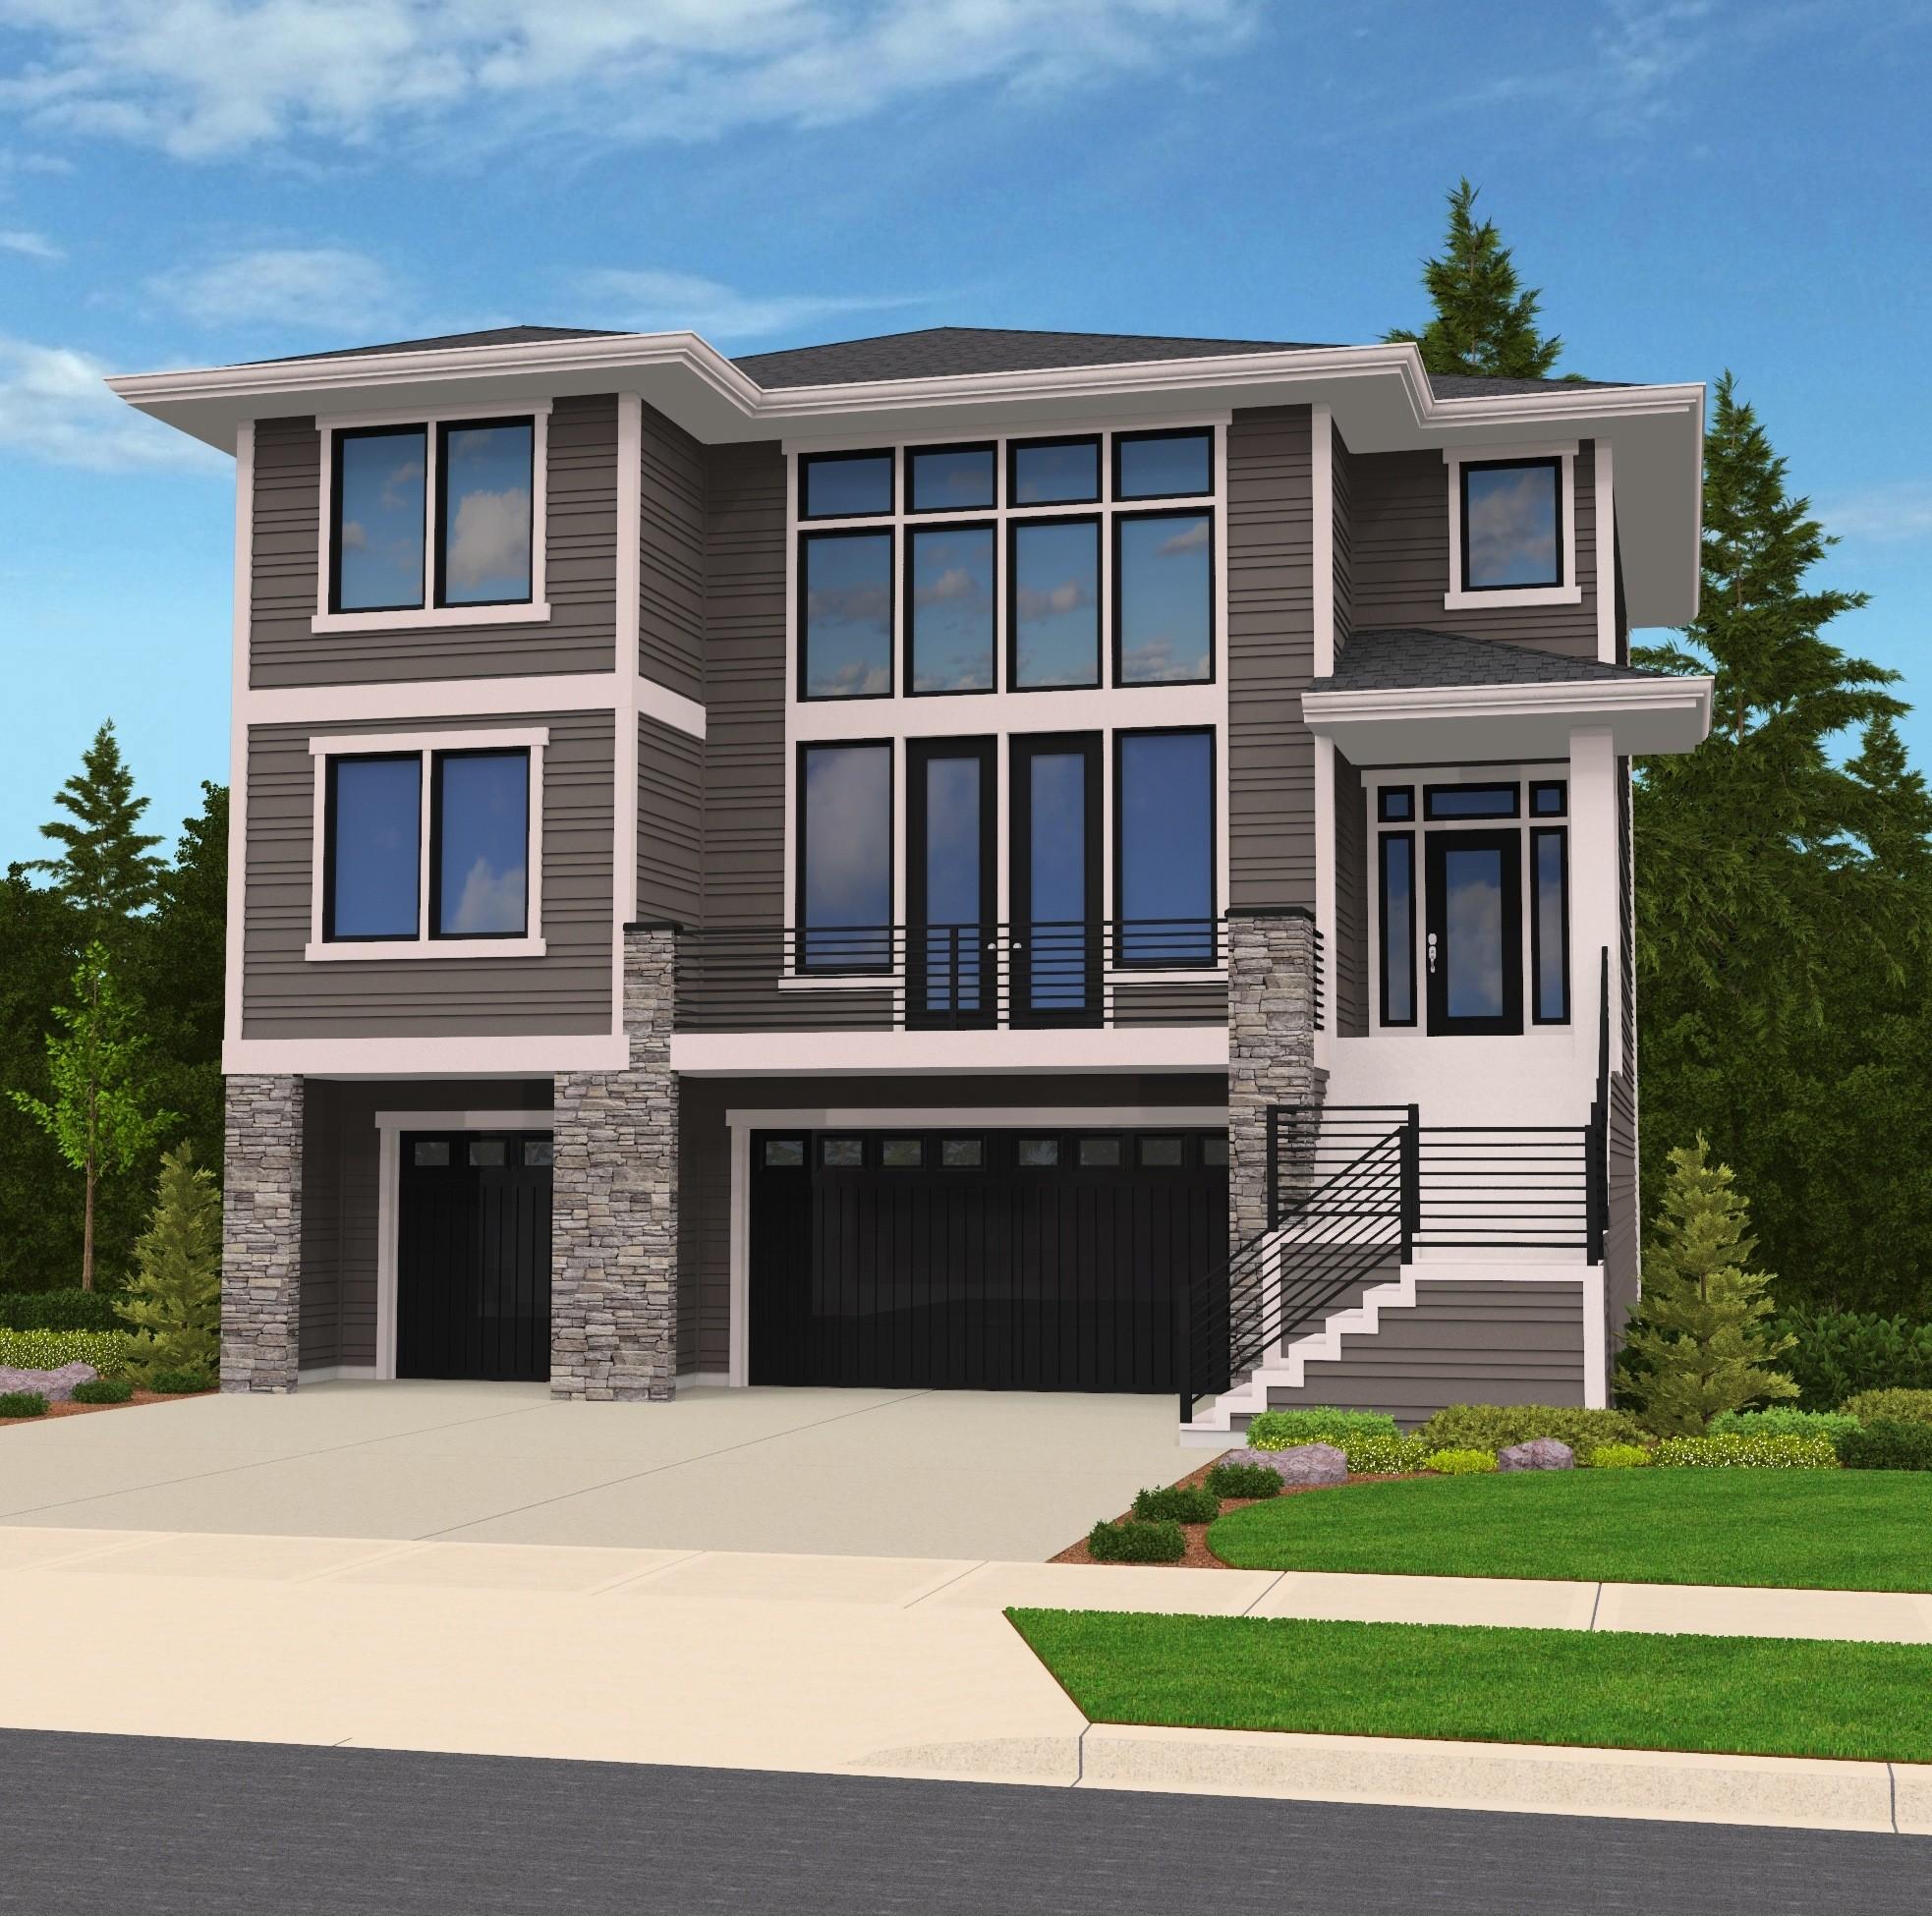 Hillside Plan With Garage Under 69131am